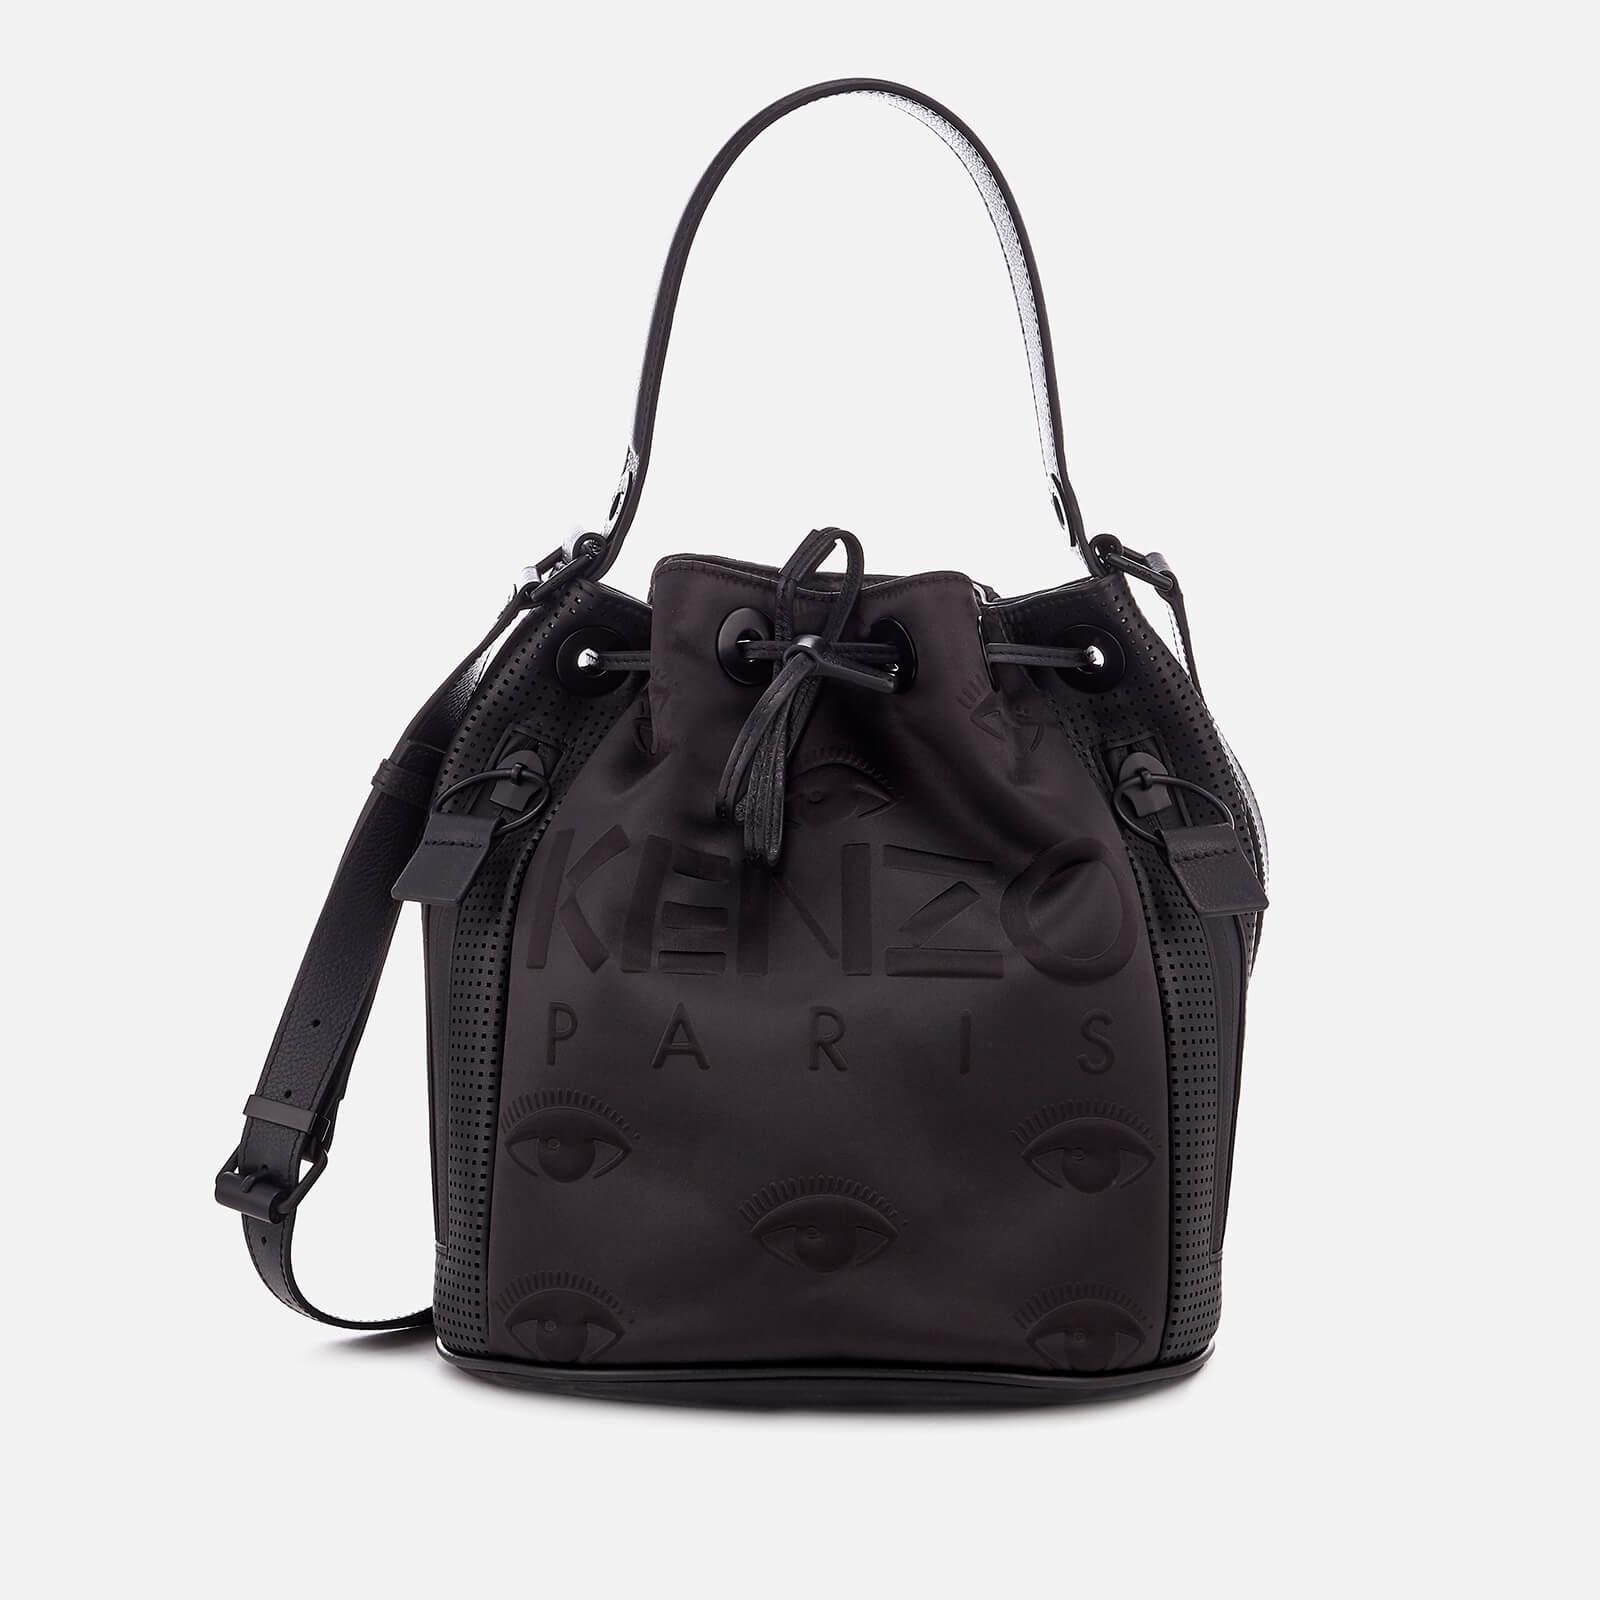 58736ba6af KENZO Women's Kanvas Bucket Bag - Black - Free UK Delivery over £50